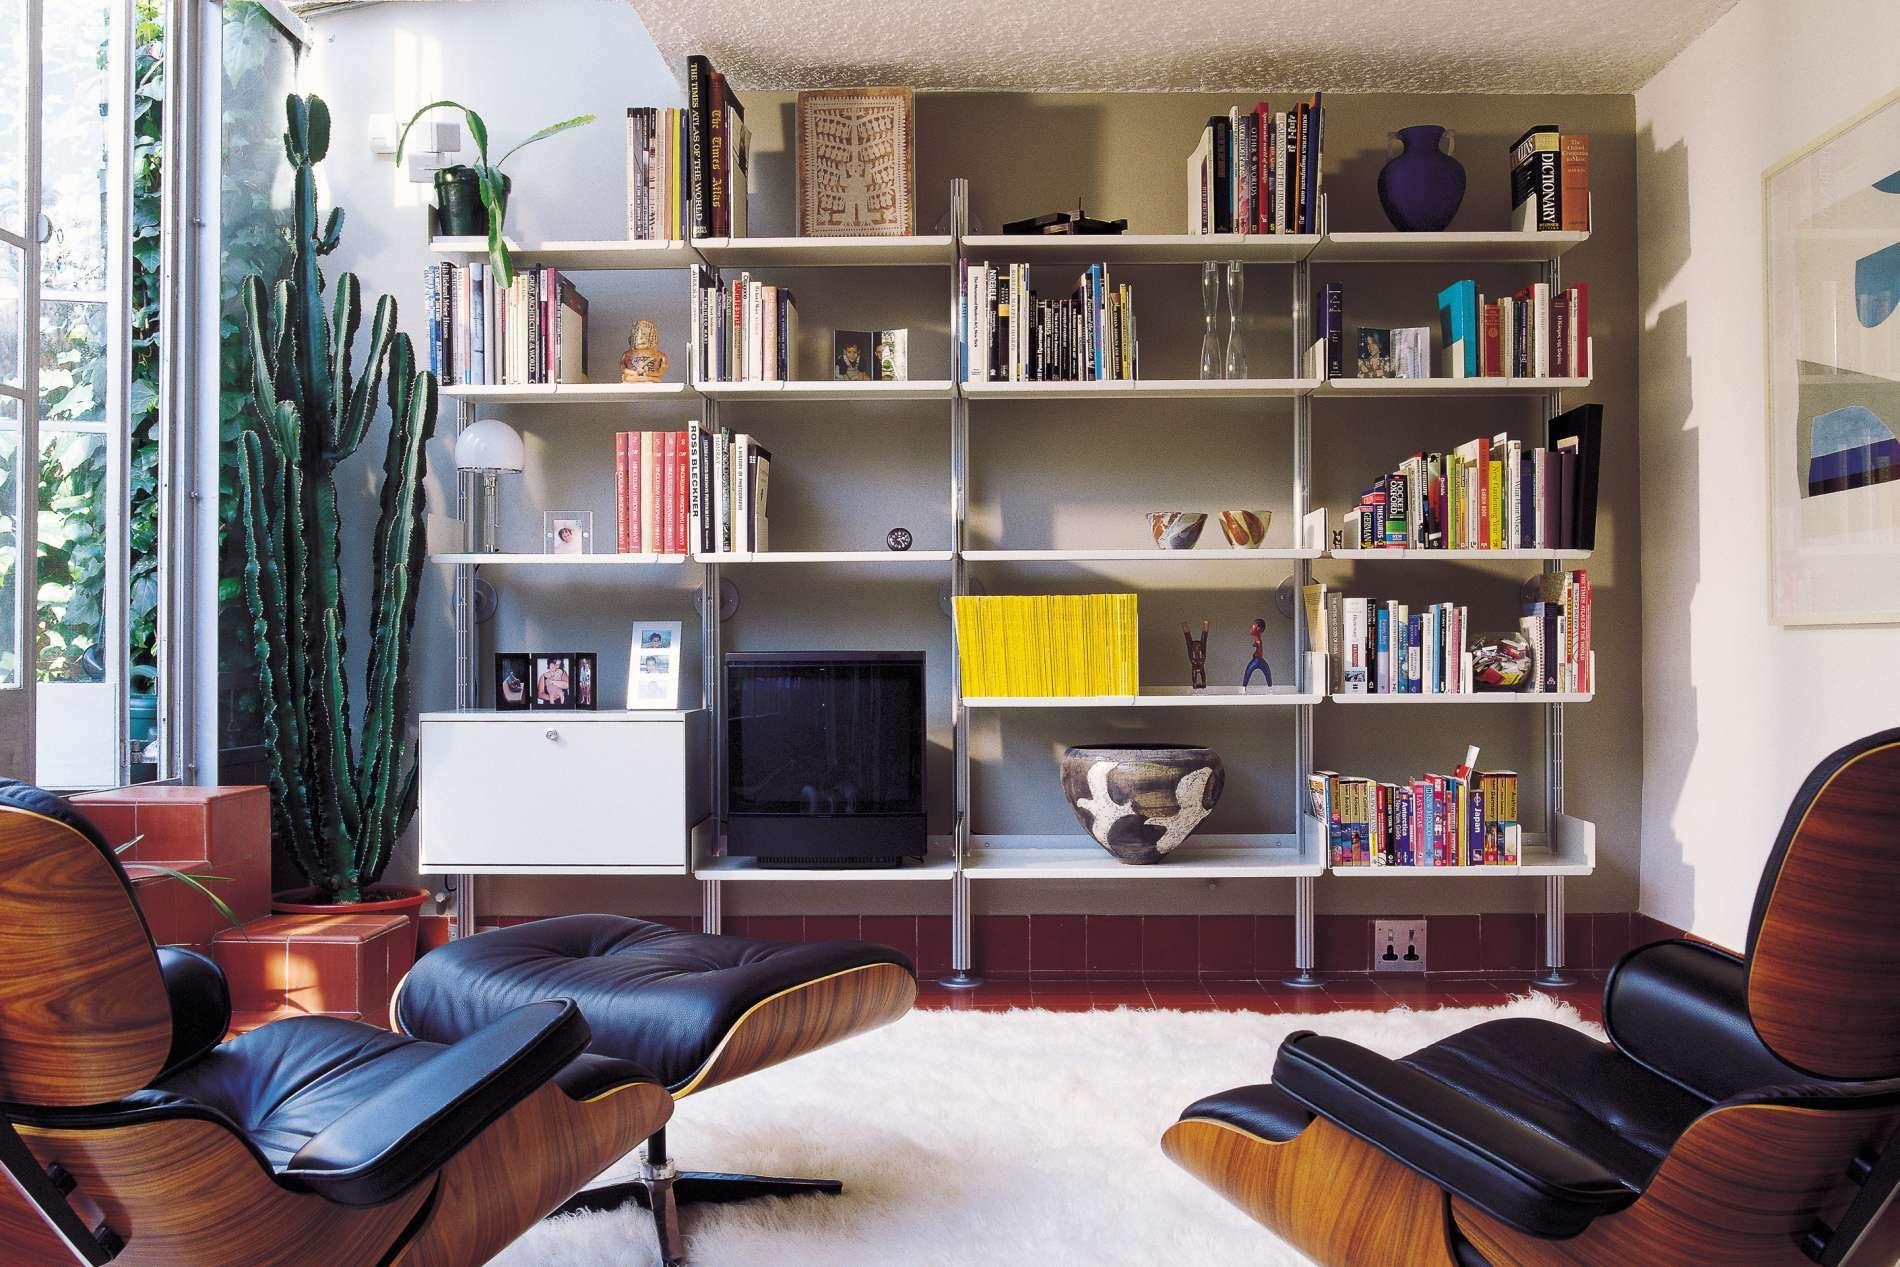 Innenarchitektur für wohnzimmer für kleines haus lively and creative apartment renovation drives out the mundane